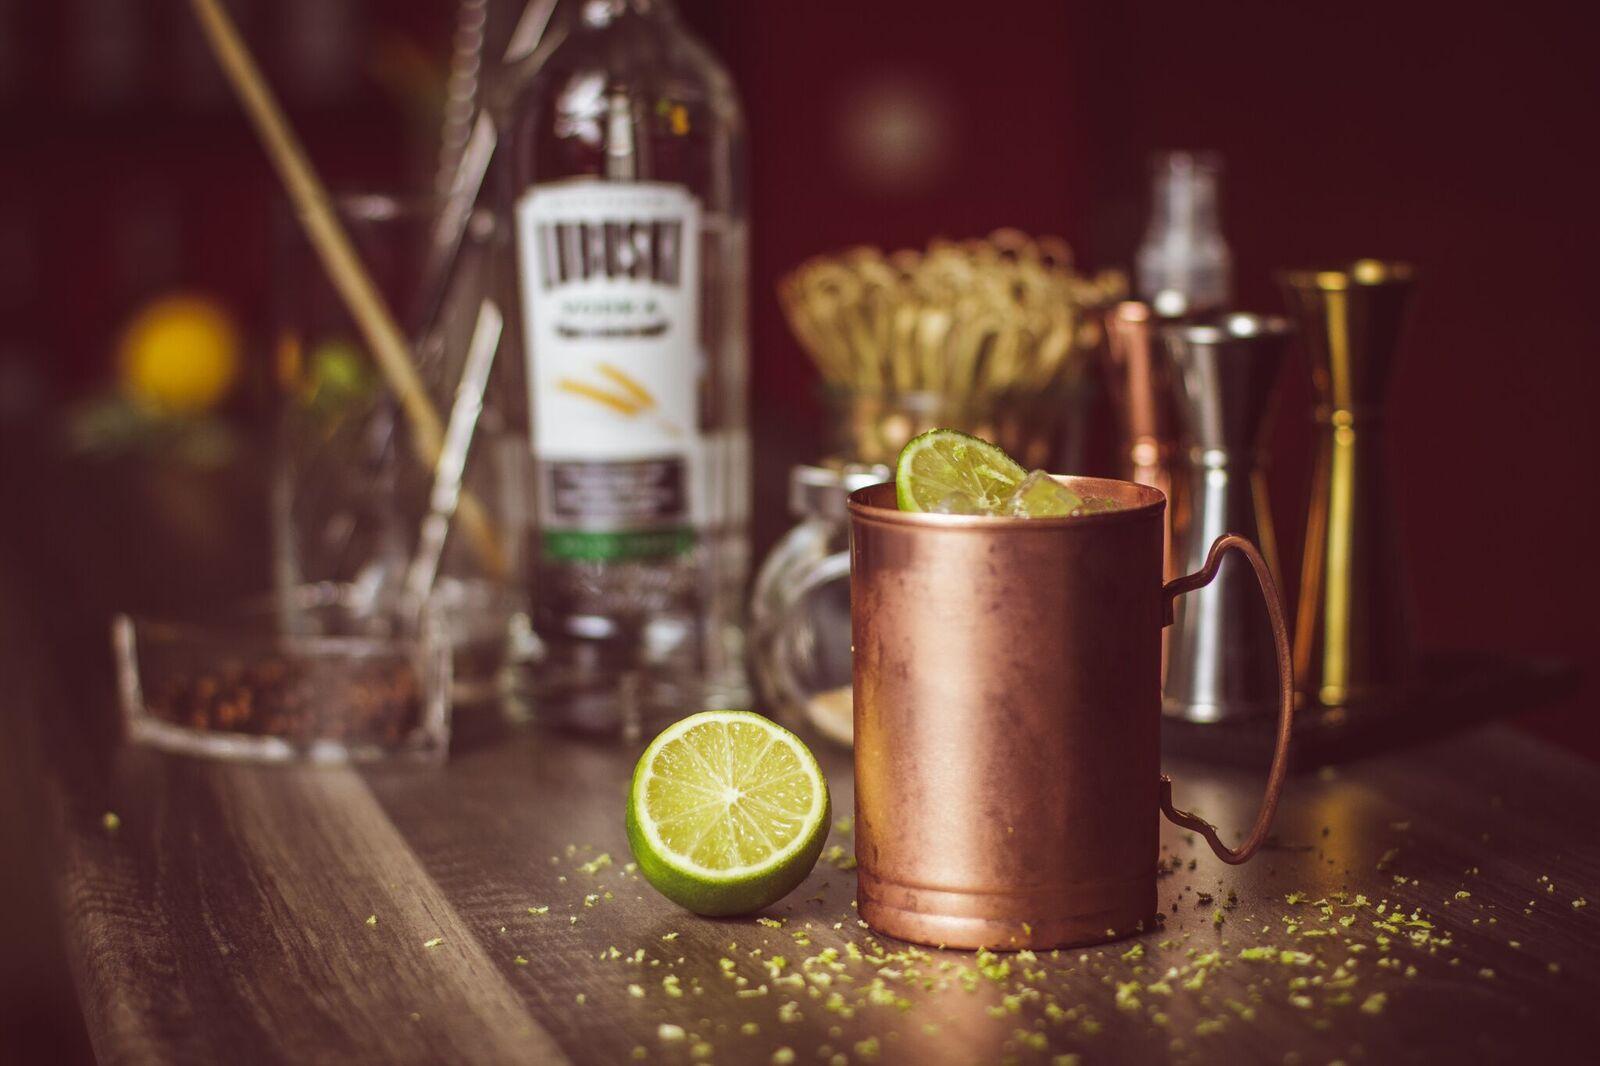 Moscow Mule - mocny drink z wódką i piwem imbirowym.